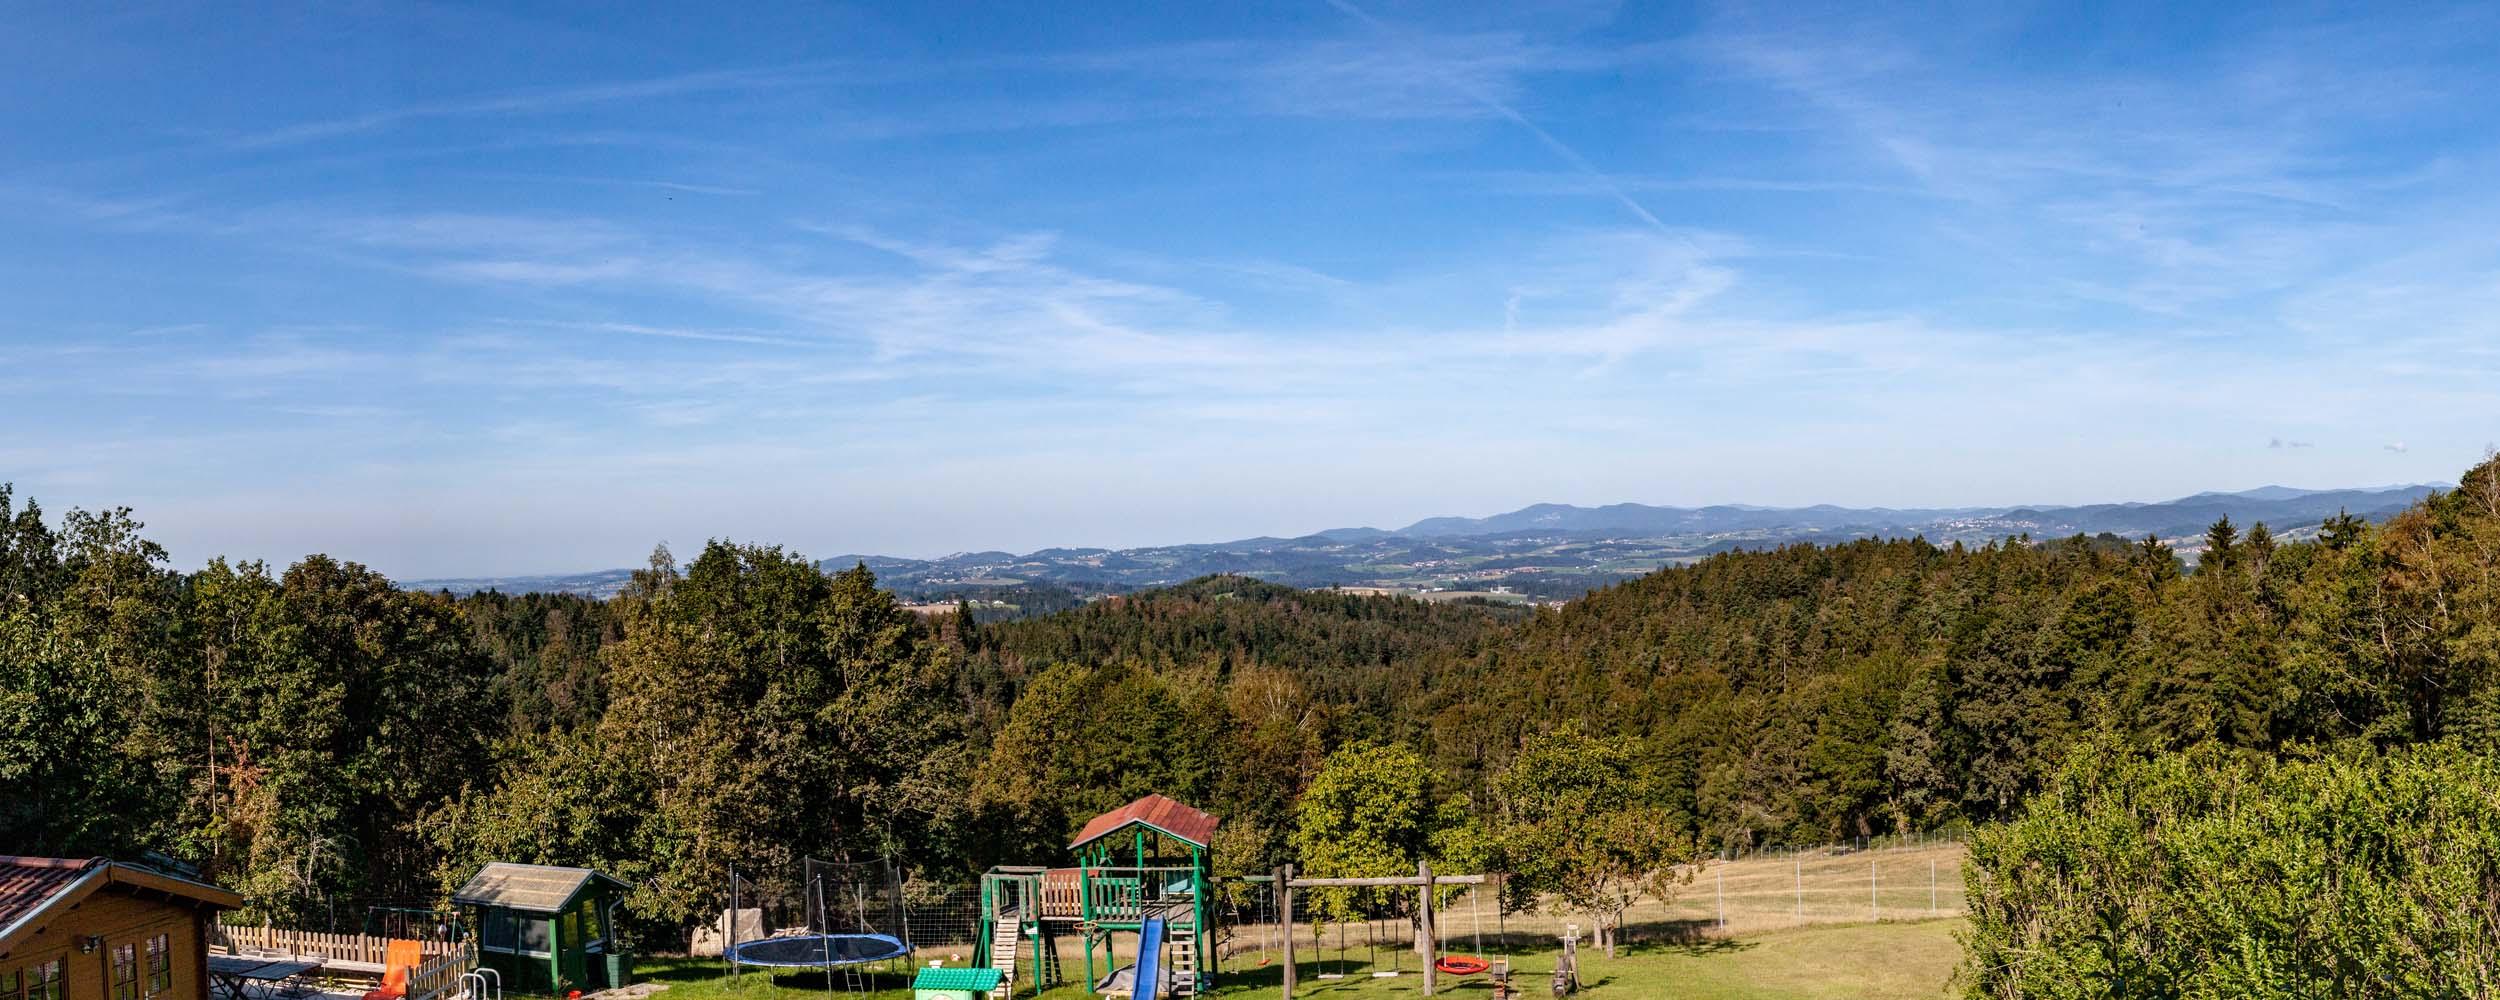 HAUSER HOF Panorama Spielplatz